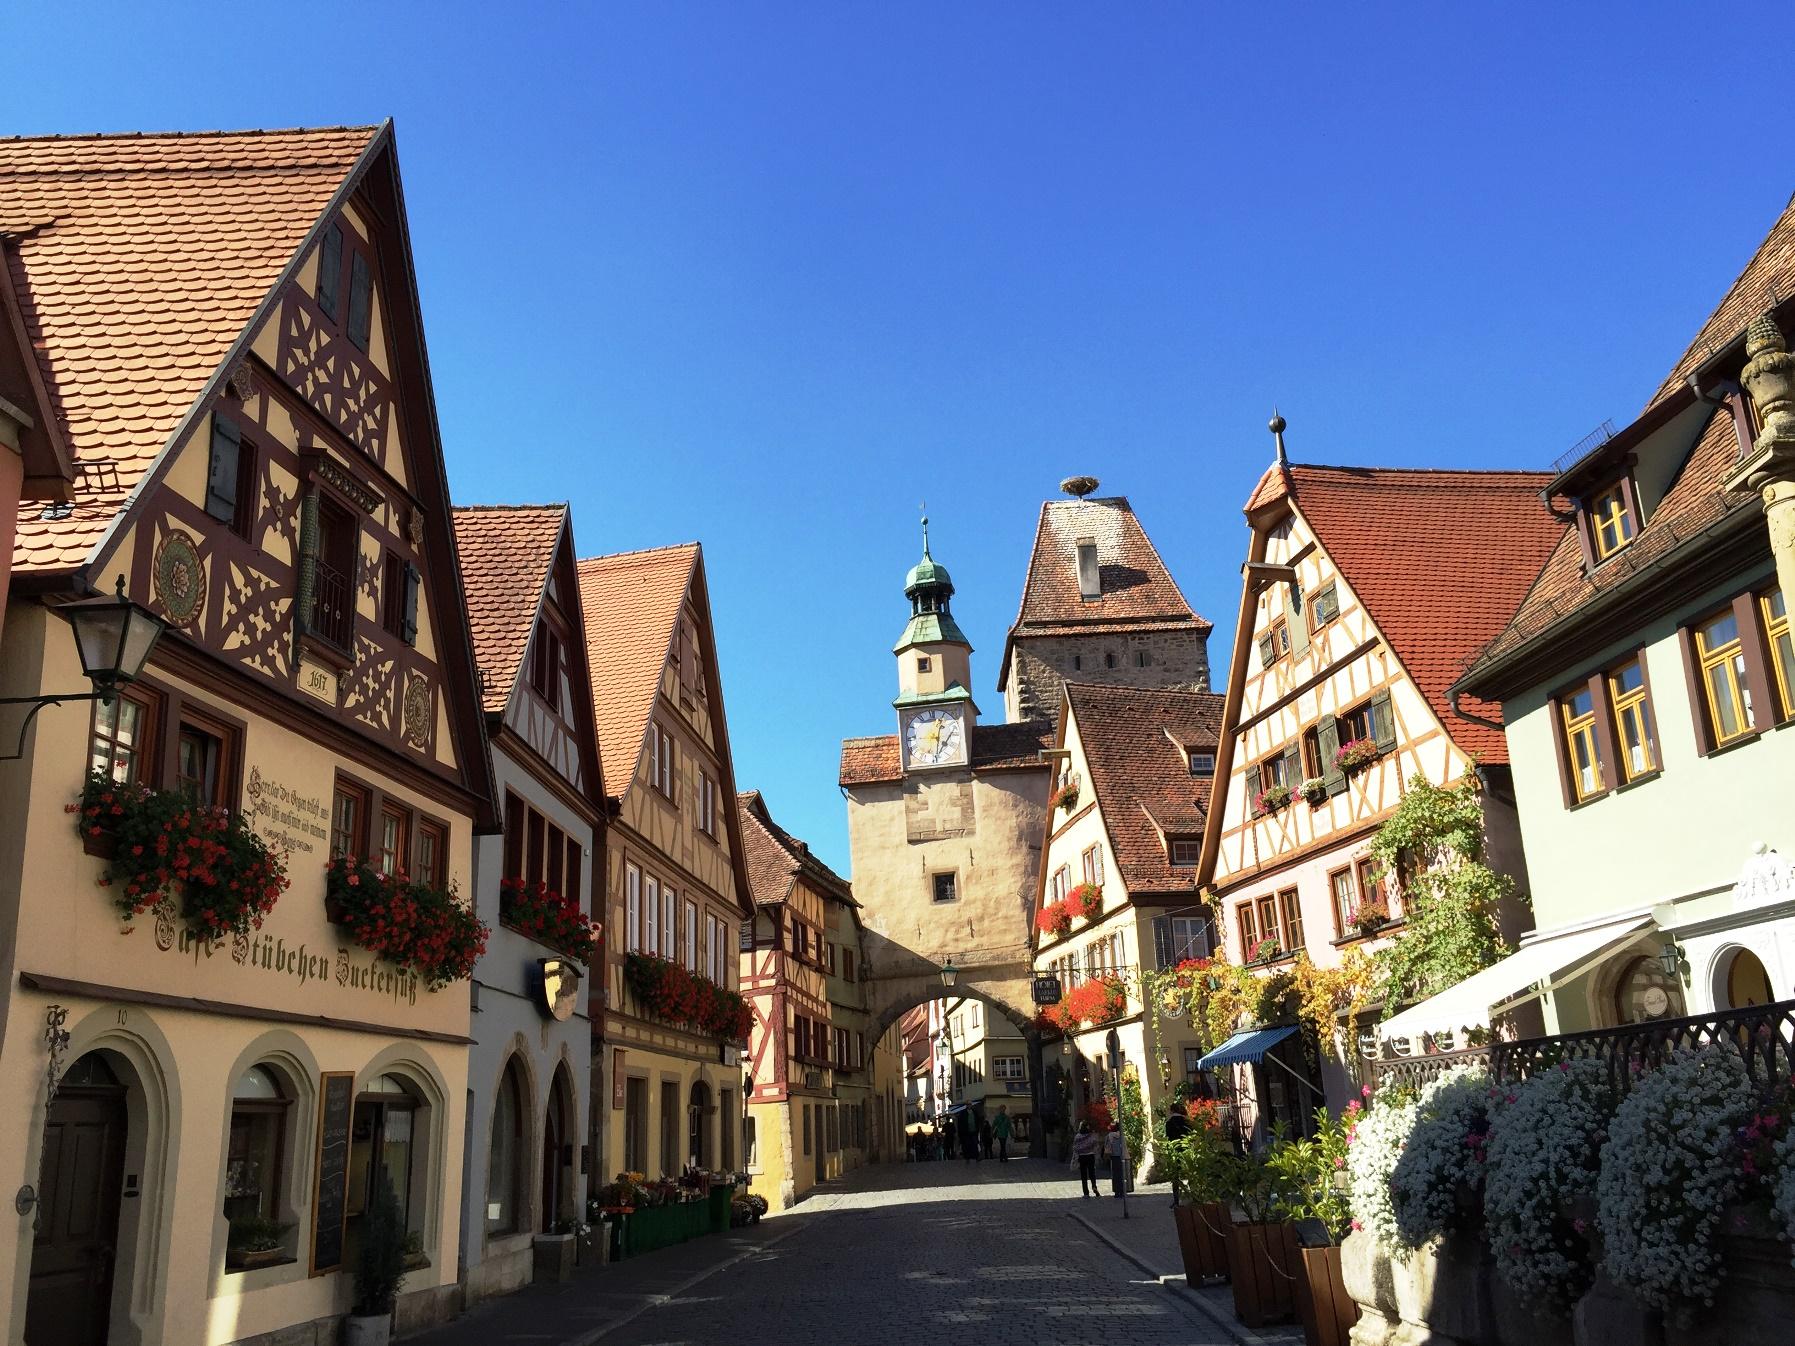 中世の街並みが残るローテンブルク(2日目)